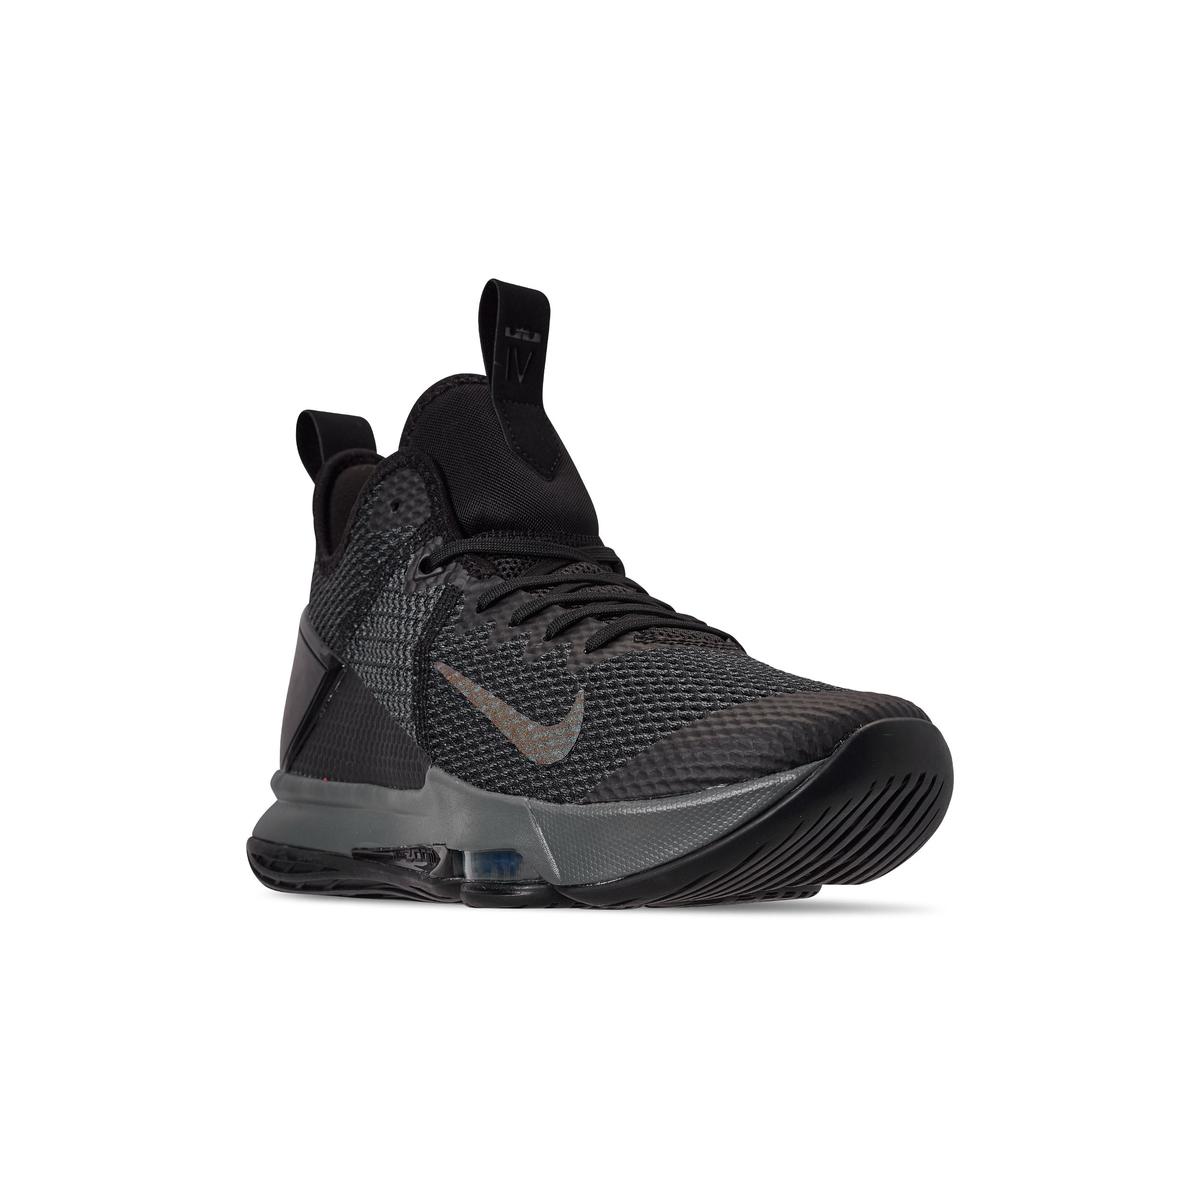 性价比首选!全新 Nike LeBron Witness 4 实物曝光!